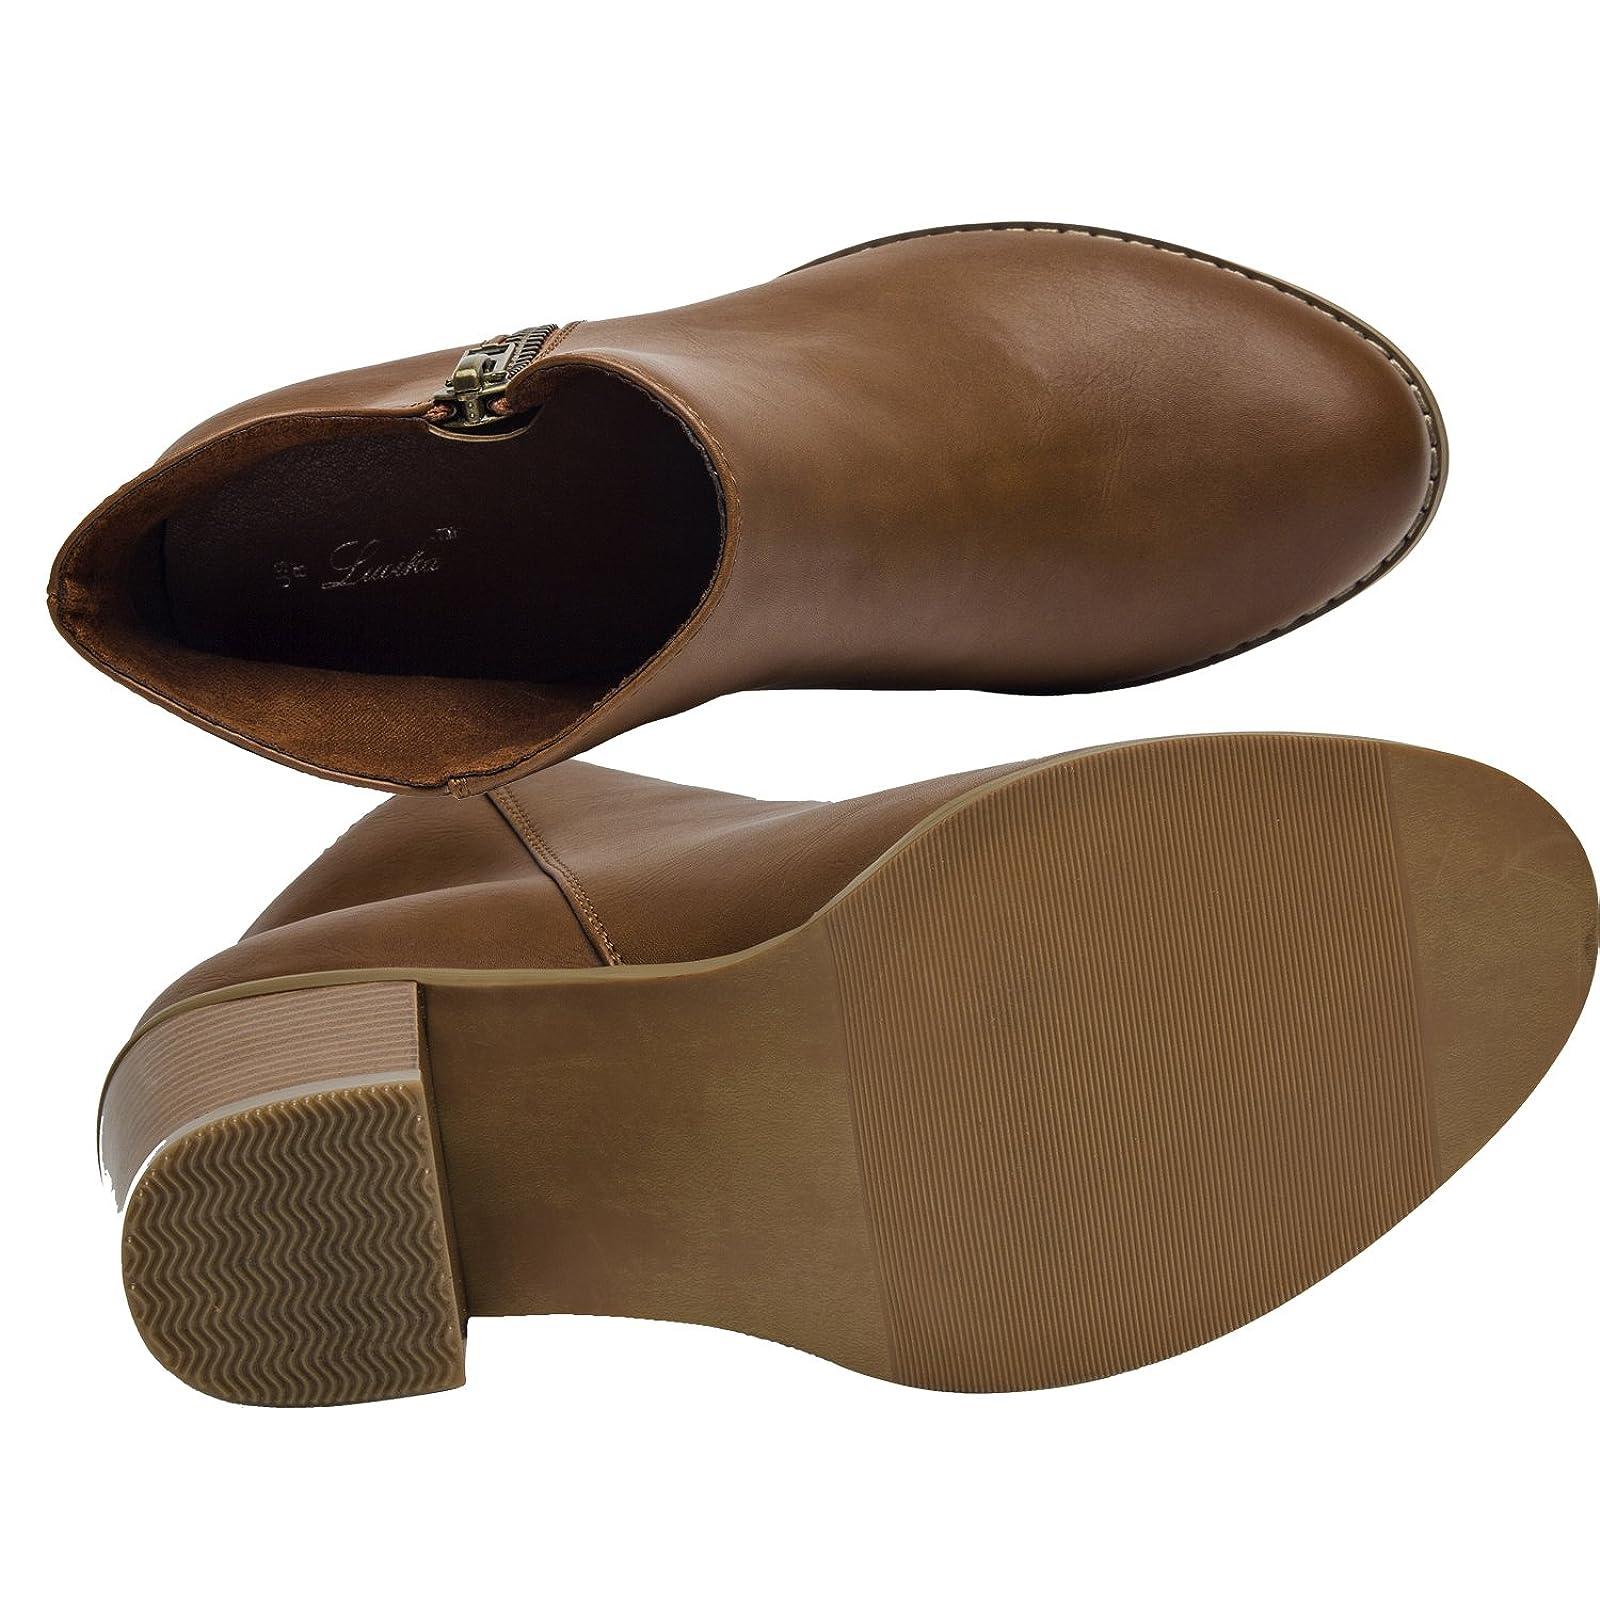 Luoika Plus Size Wide Width Ankle BootsWomen - 3